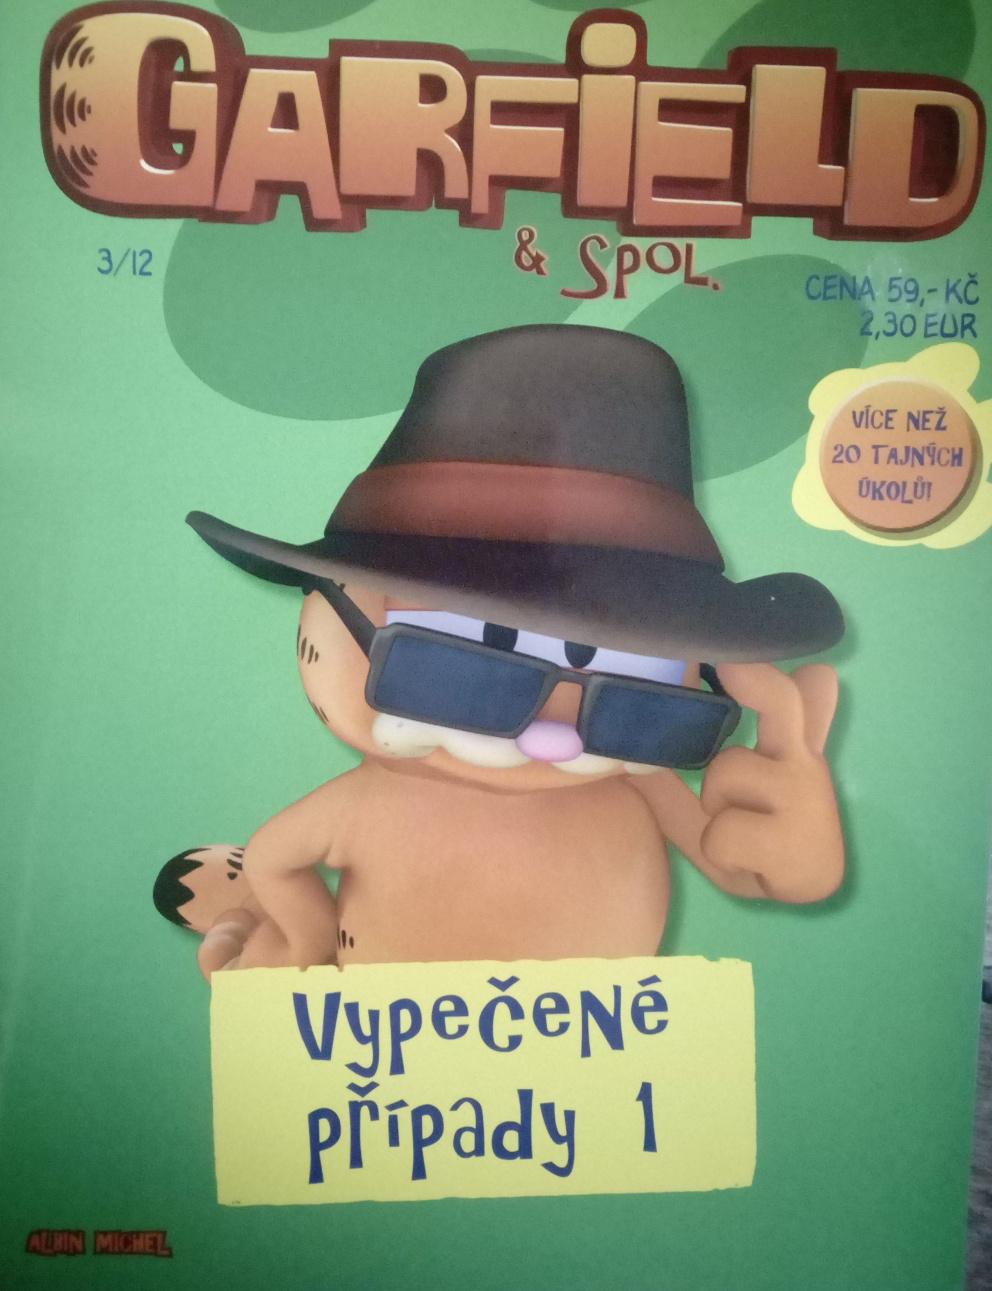 Garfield a spol. vypečené případy 1